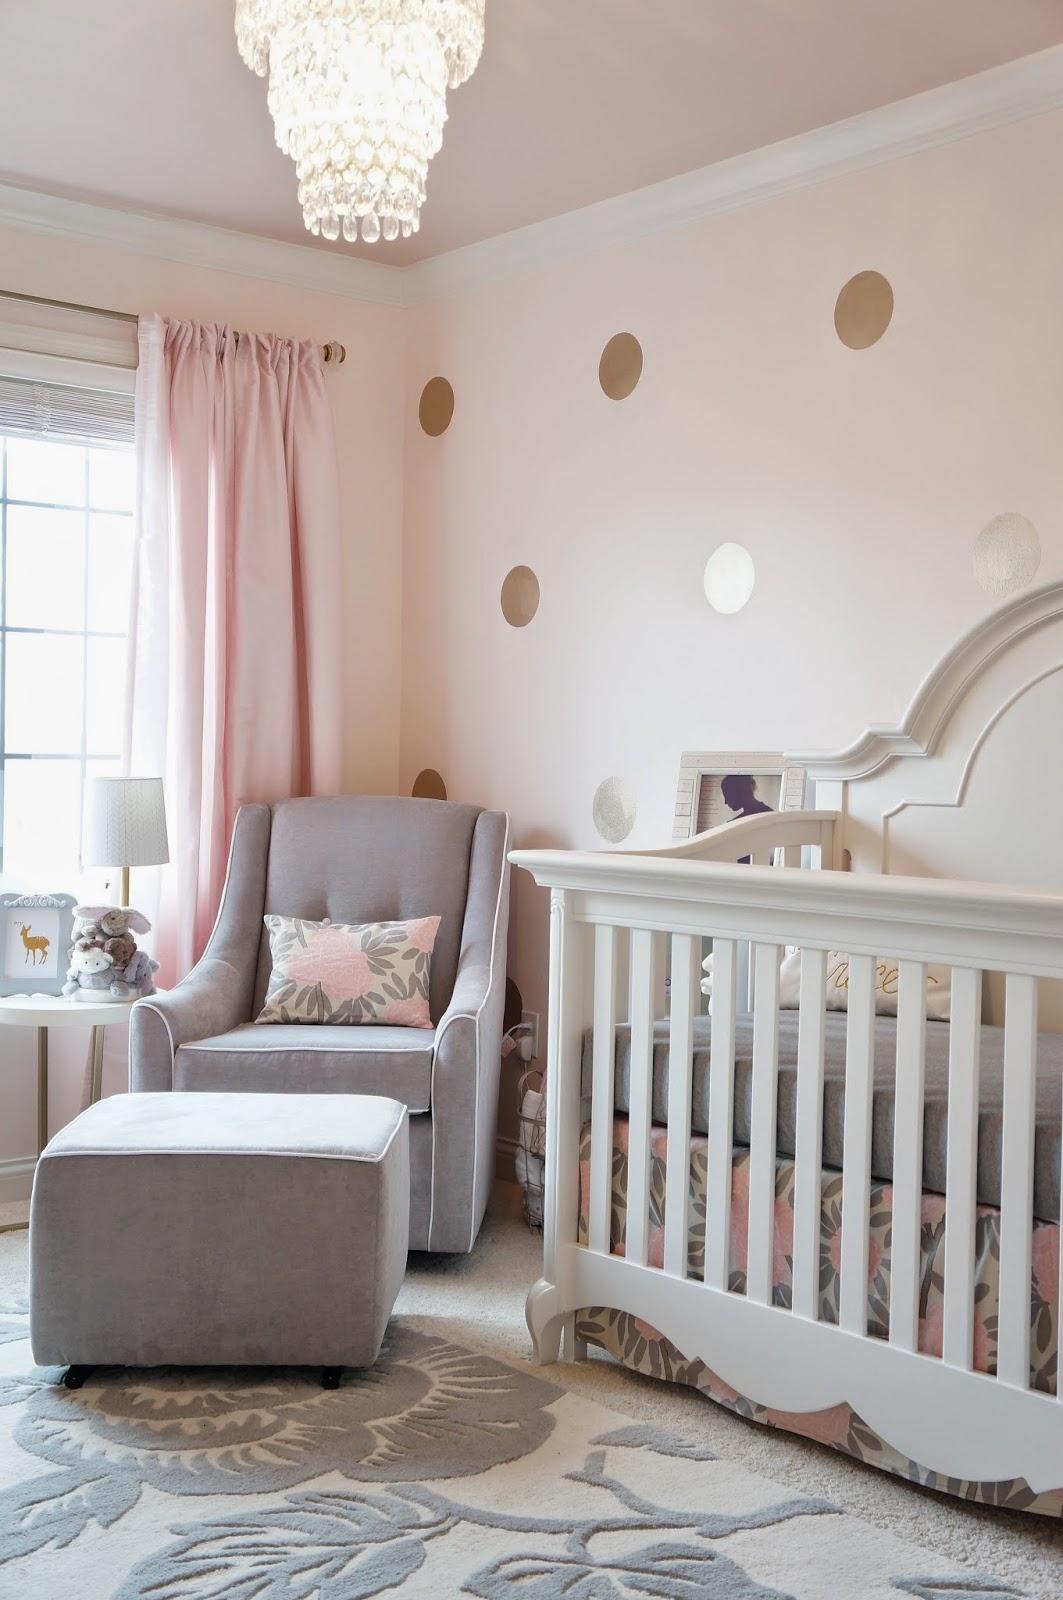 Дизайн штор для детской комнаты в пастельных тонах